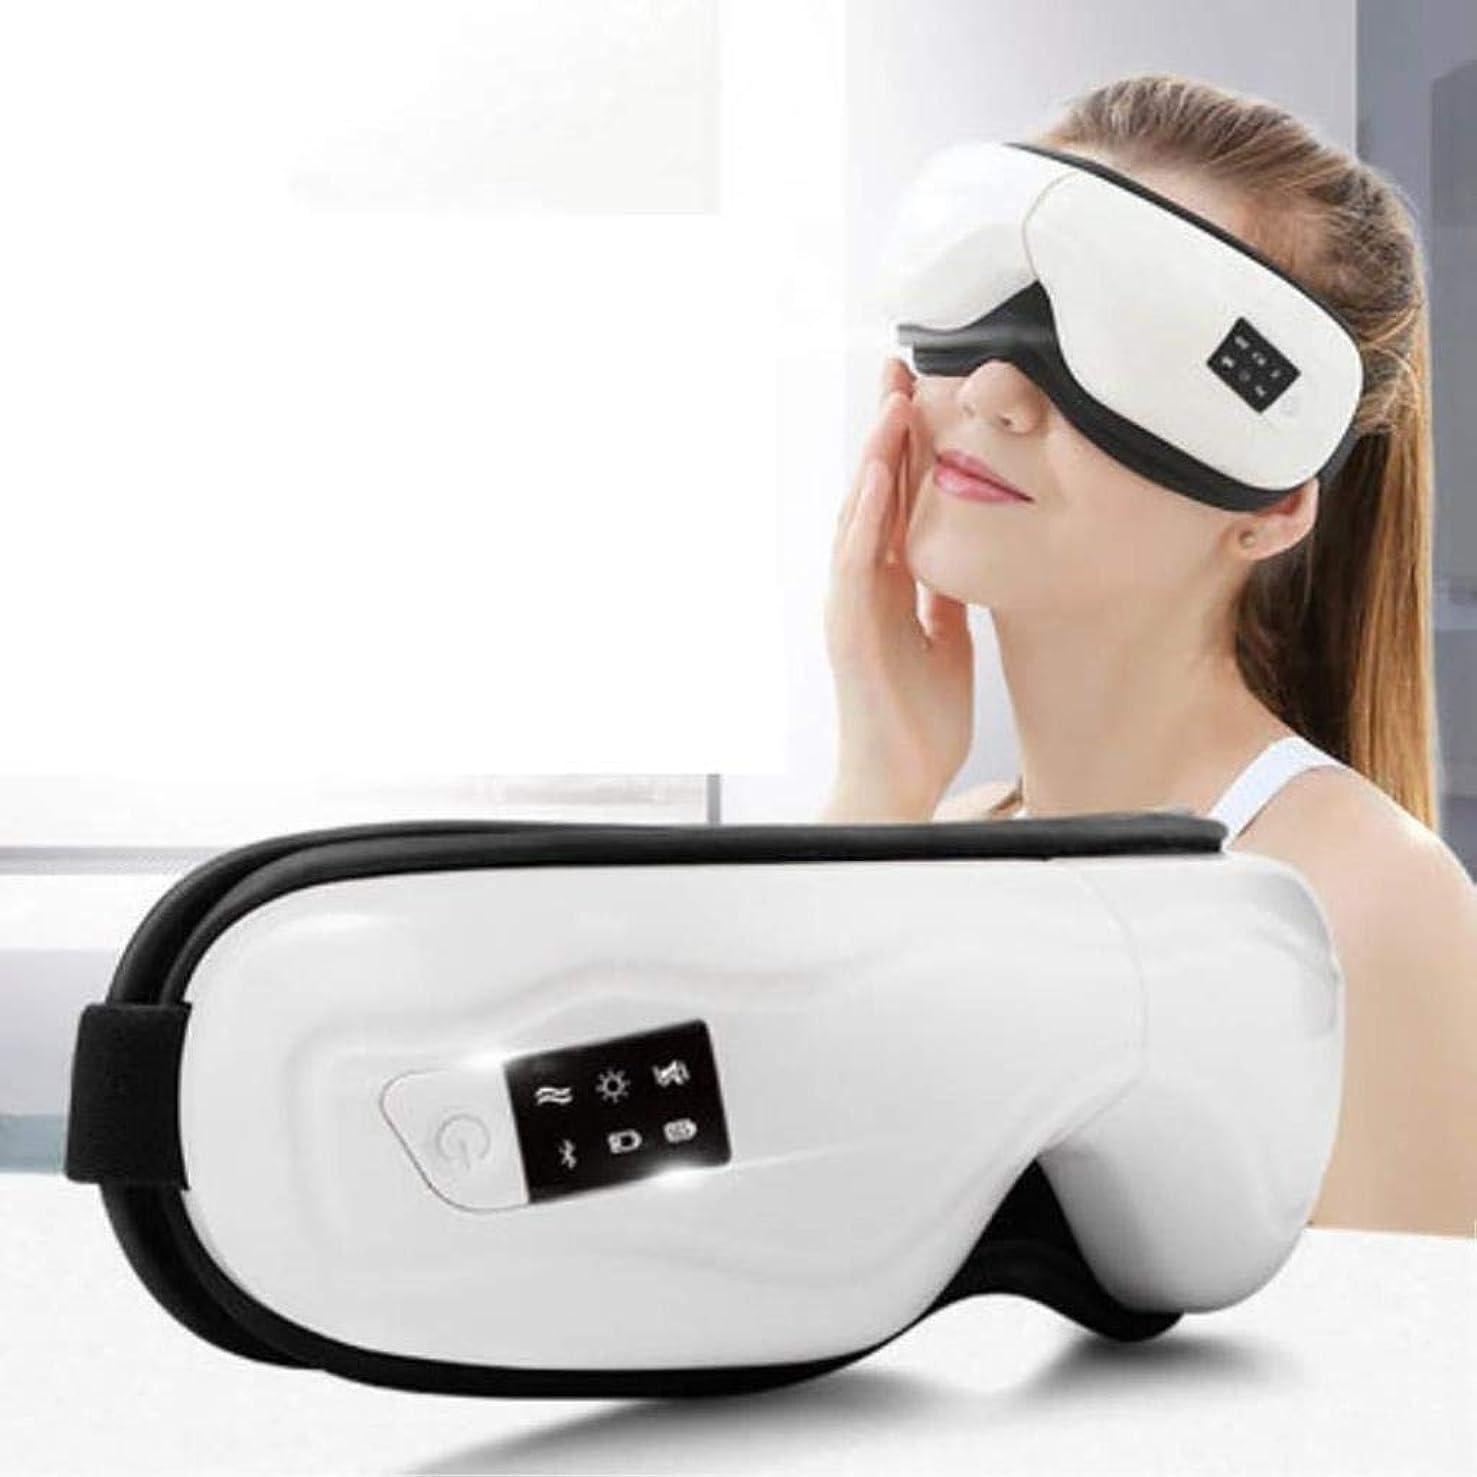 遠近法大人アーティキュレーションアイマッサージャー、アイプロテクターアイ振動は近視を緩和しますアイバッグアイマスク疲労マッサージャー学生、オフィスワーカーに適したアイケア